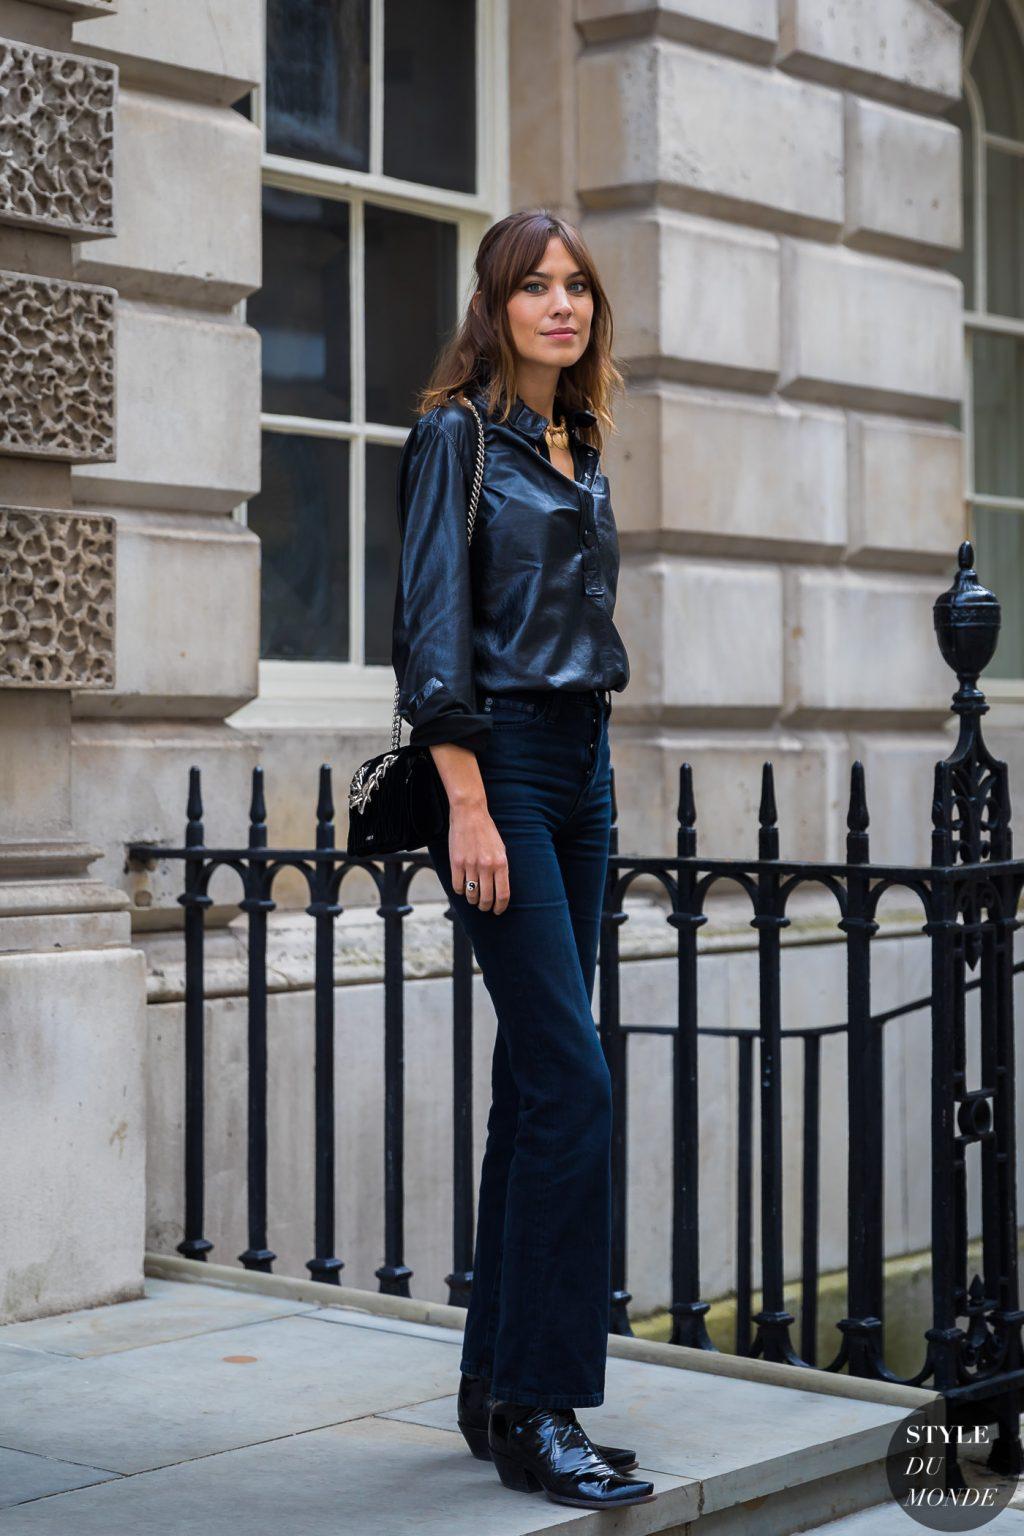 thời trang tuổi 30 áo sơ mi tay dài màu đen quần jeans cạp cao ống rộng bốt da màu đen